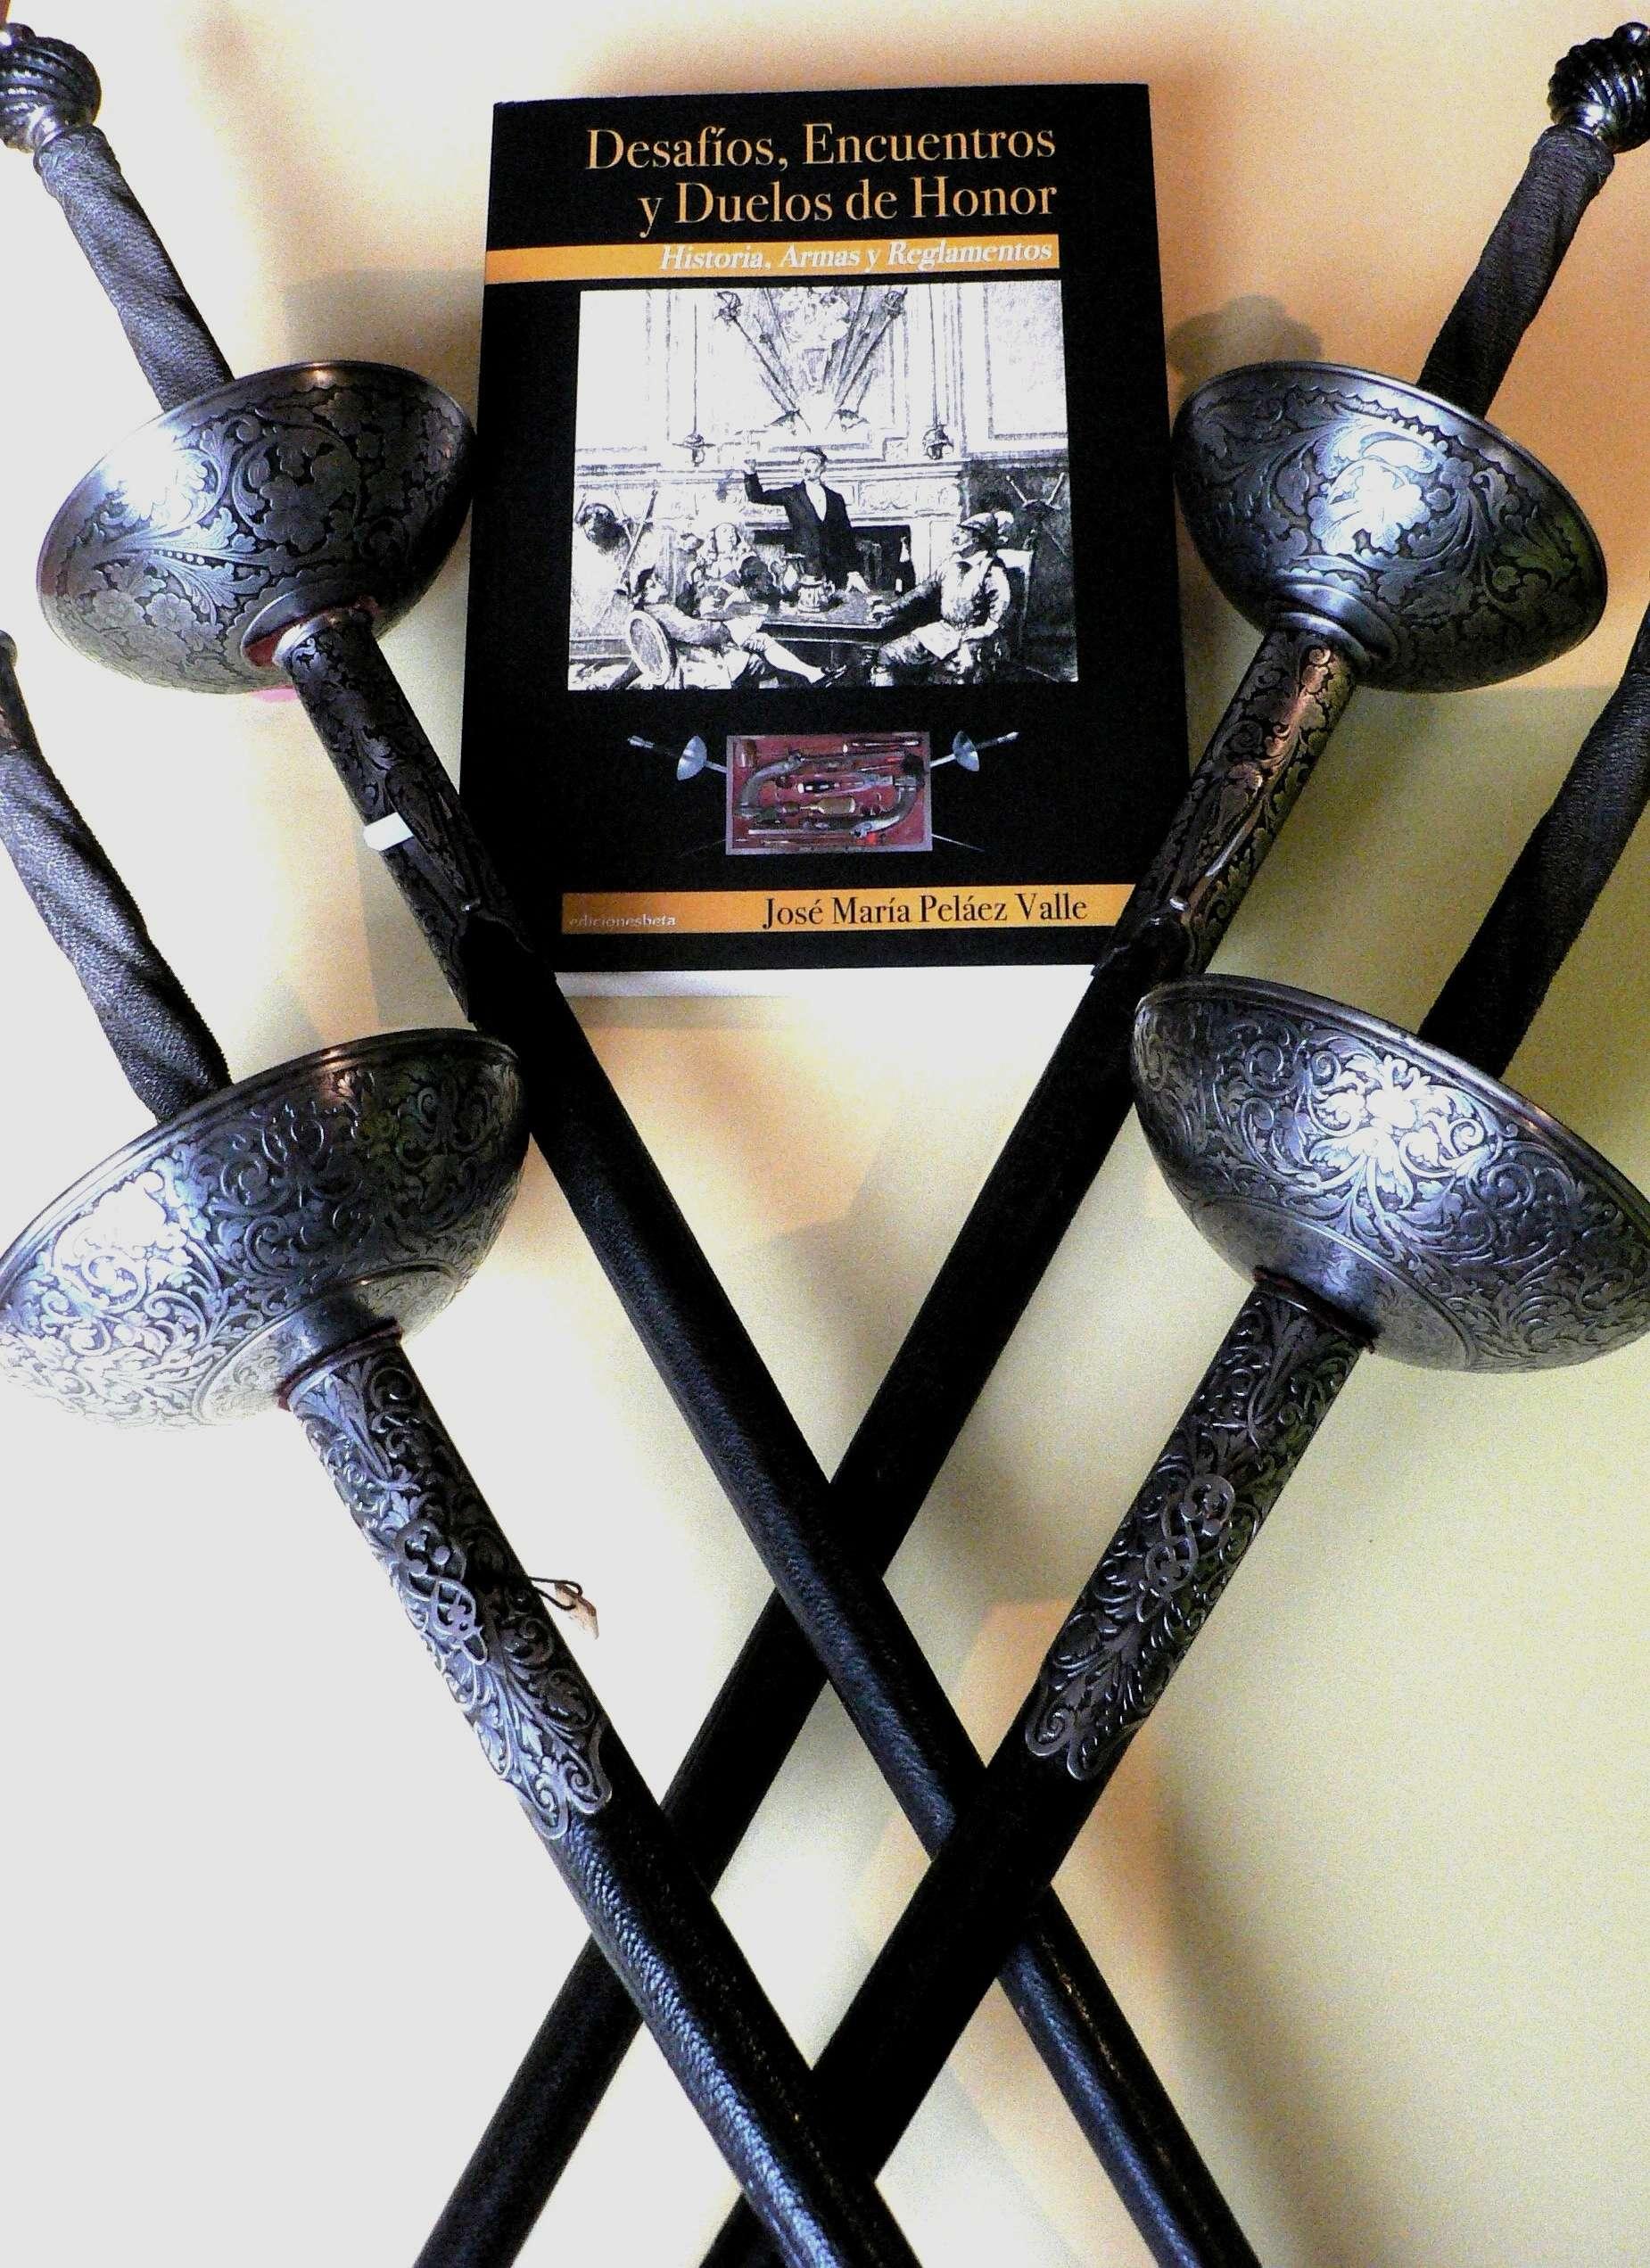 Épées de duel historiques françaises et espagnoles. P1170011